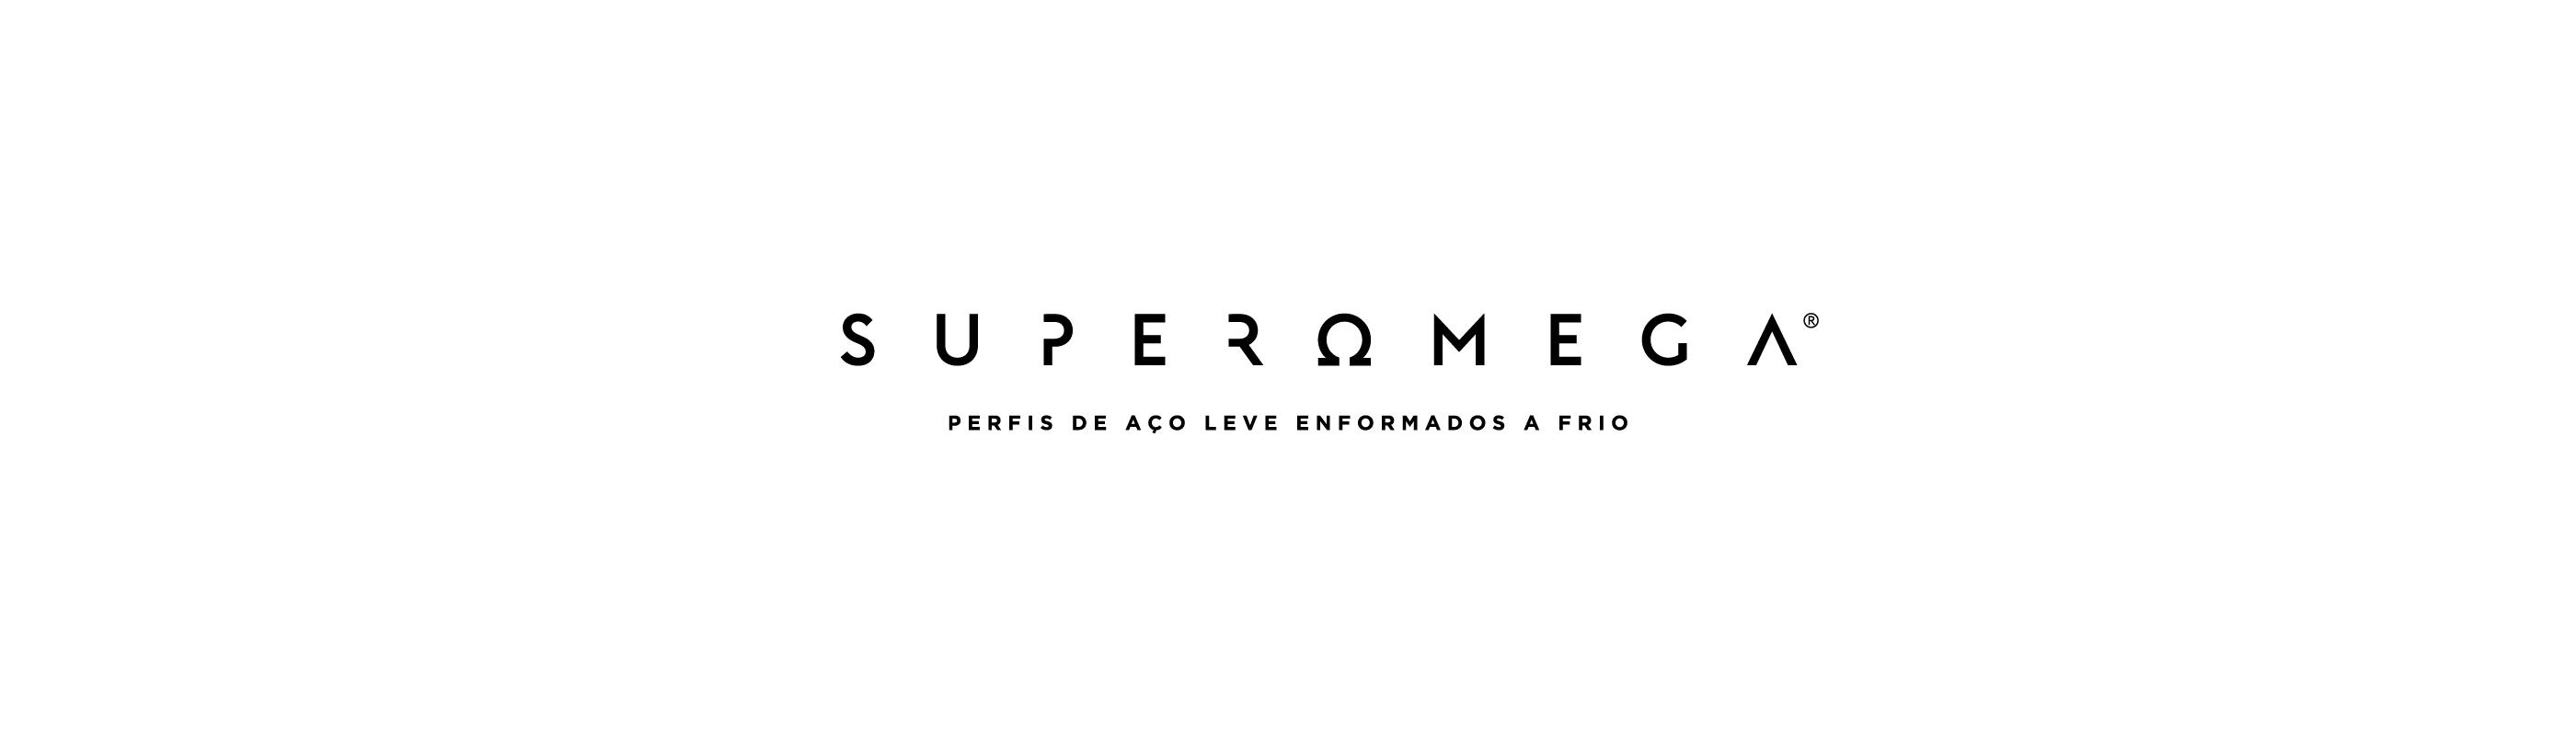 superomega_06